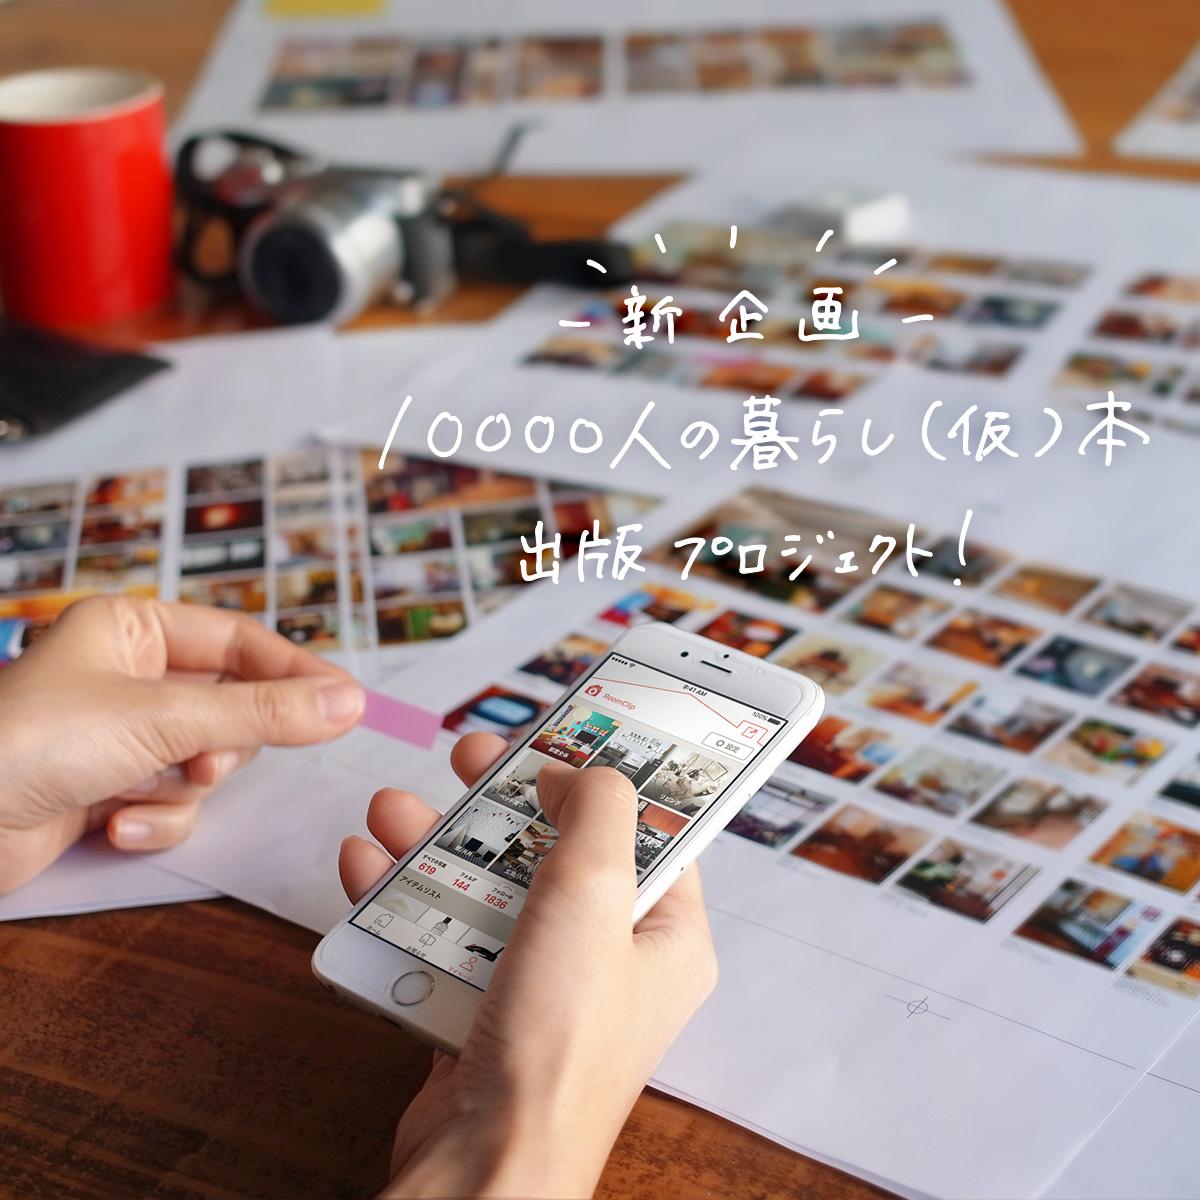 「10000人の暮らし(仮)本」出版への道!〜新プロジェクト始動〜